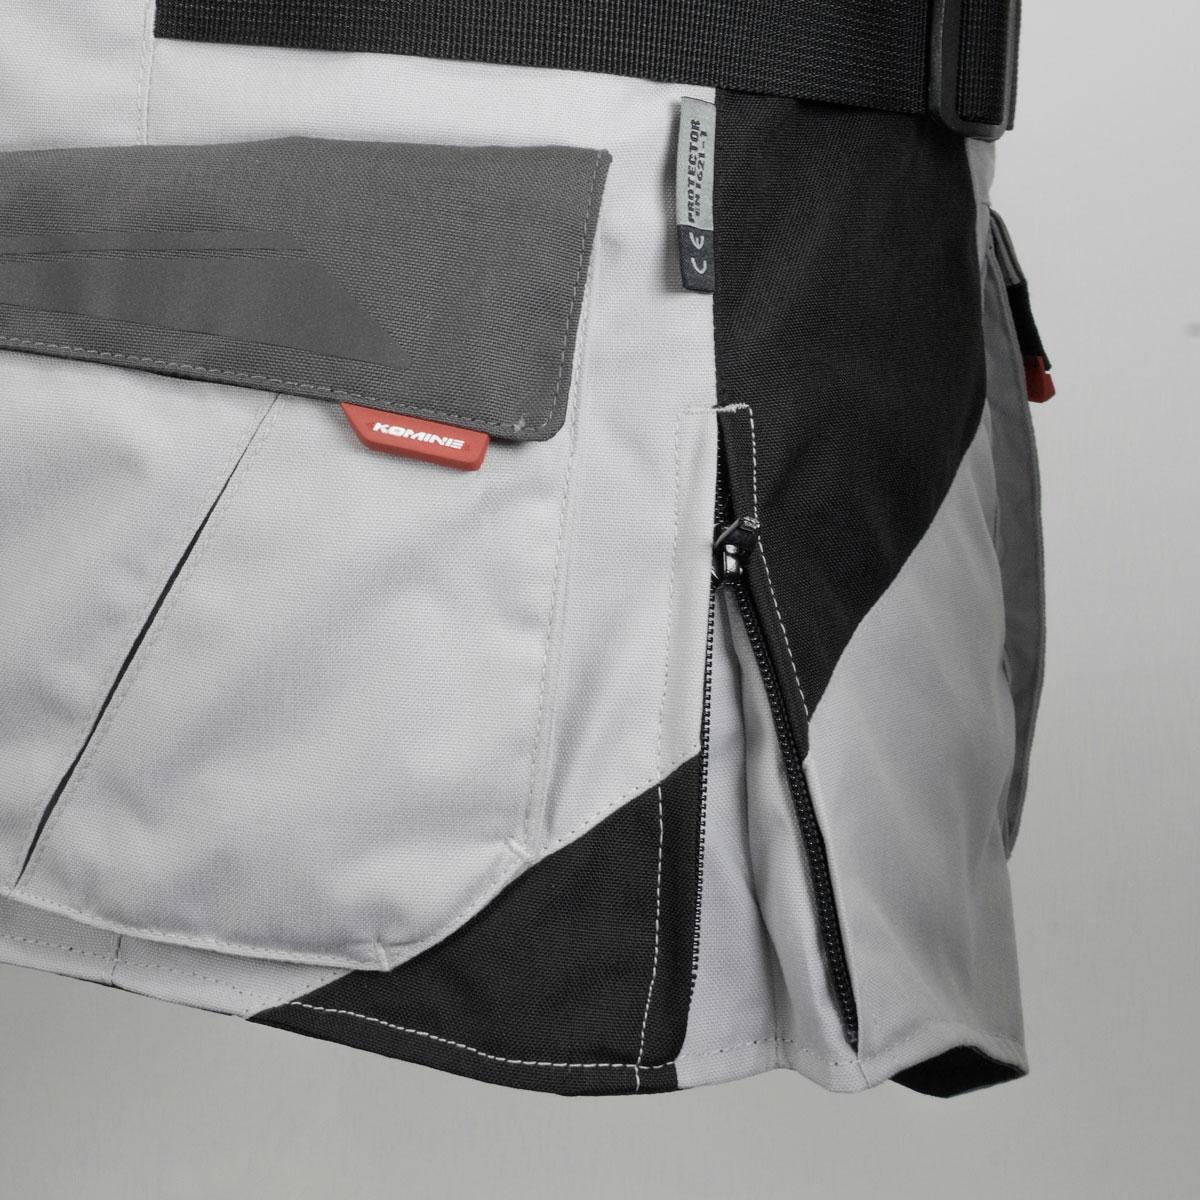 JK-609 フルイヤーアドベンチャージャケット